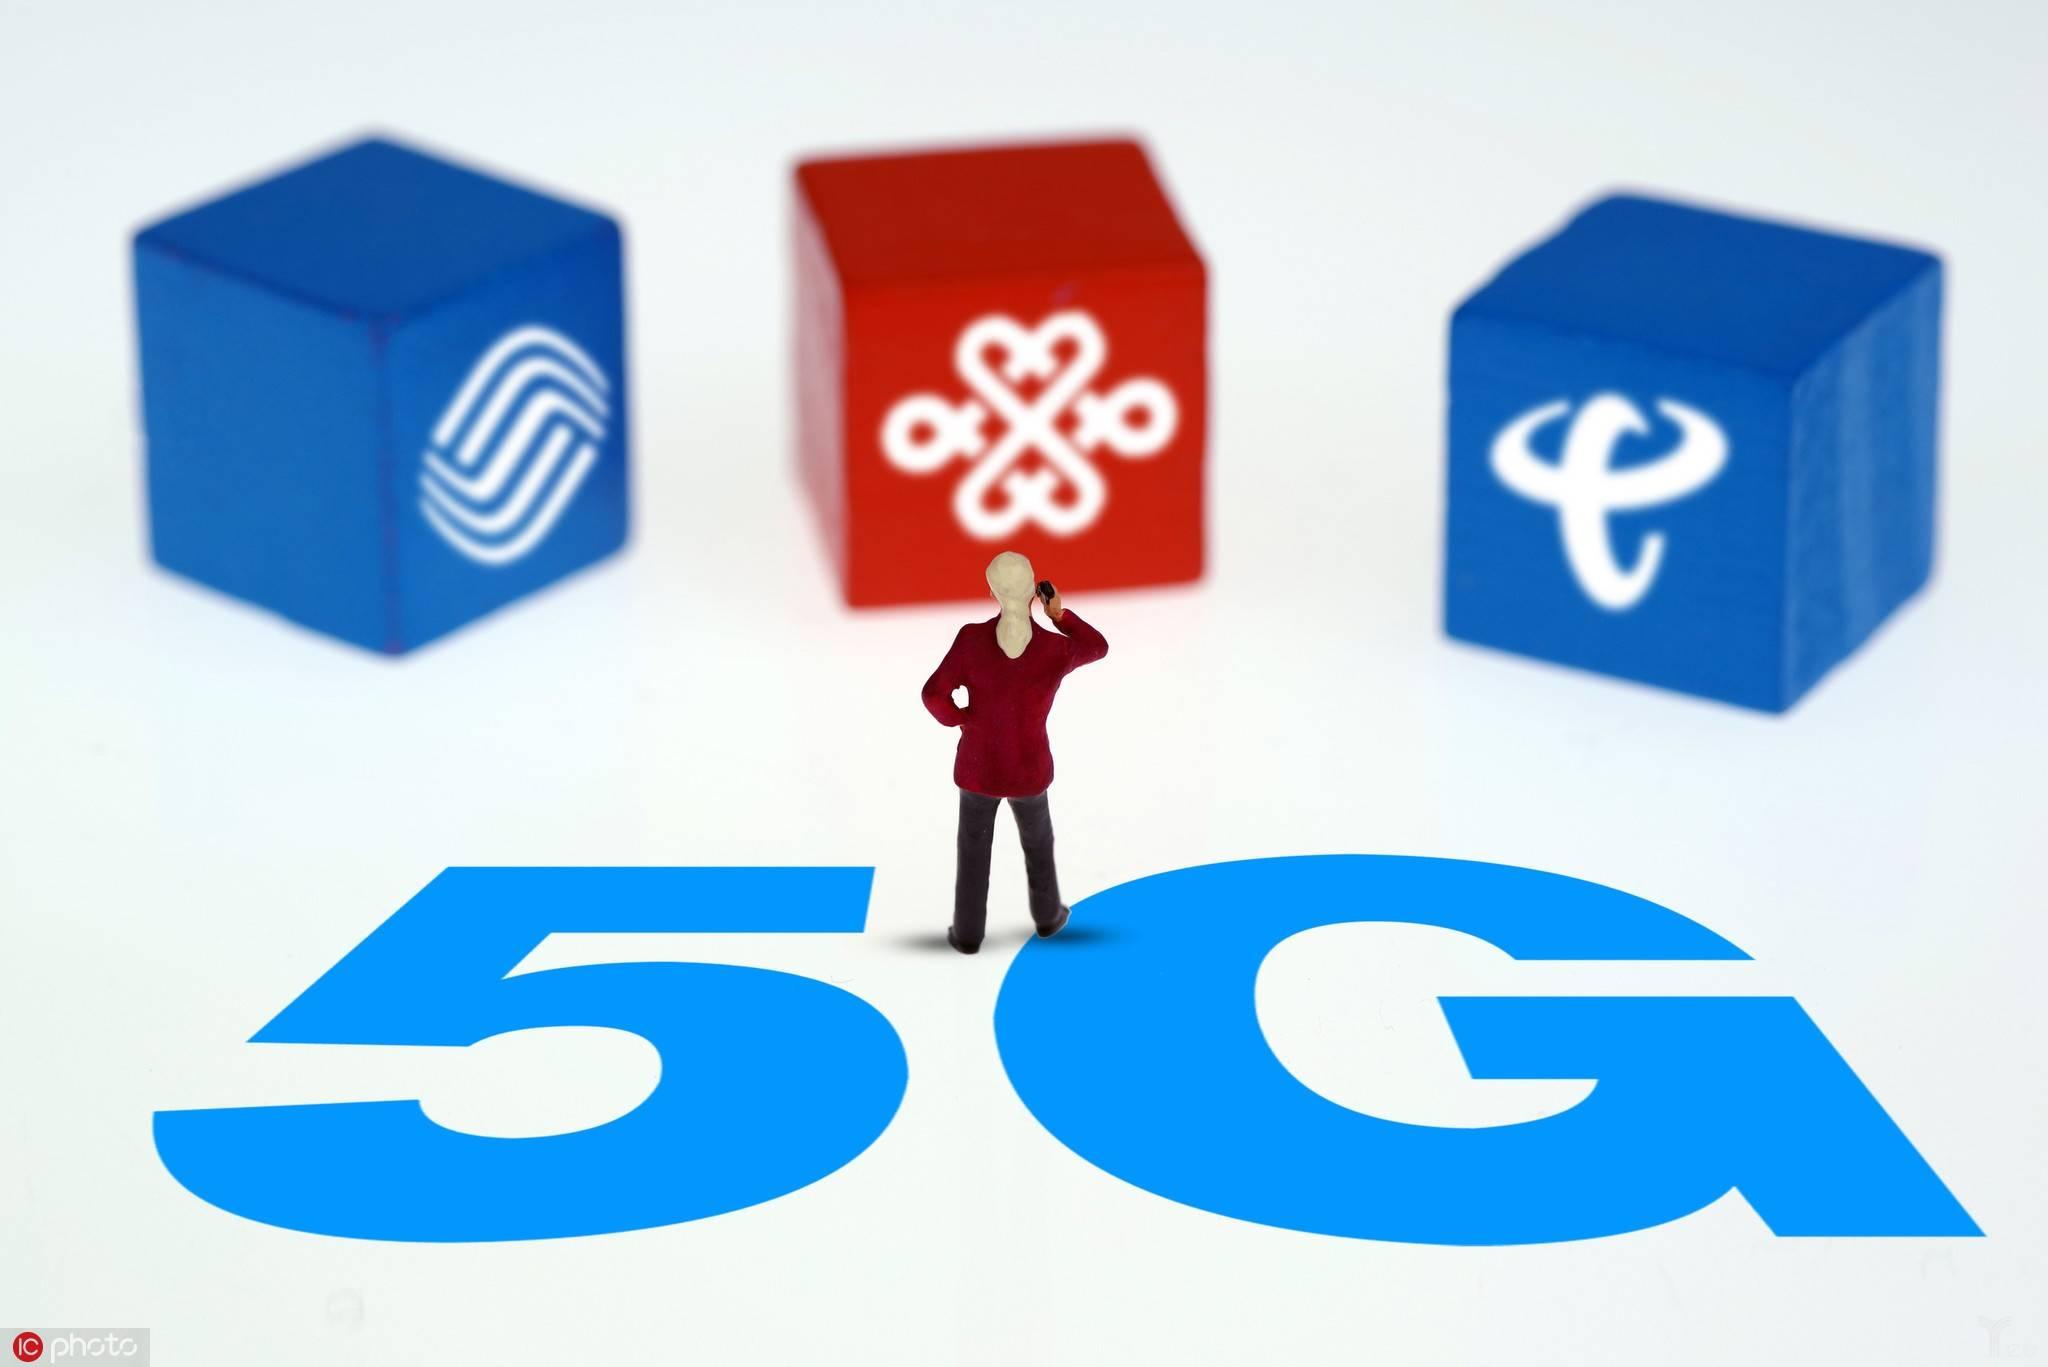 5G,联通,移动,电信,5G